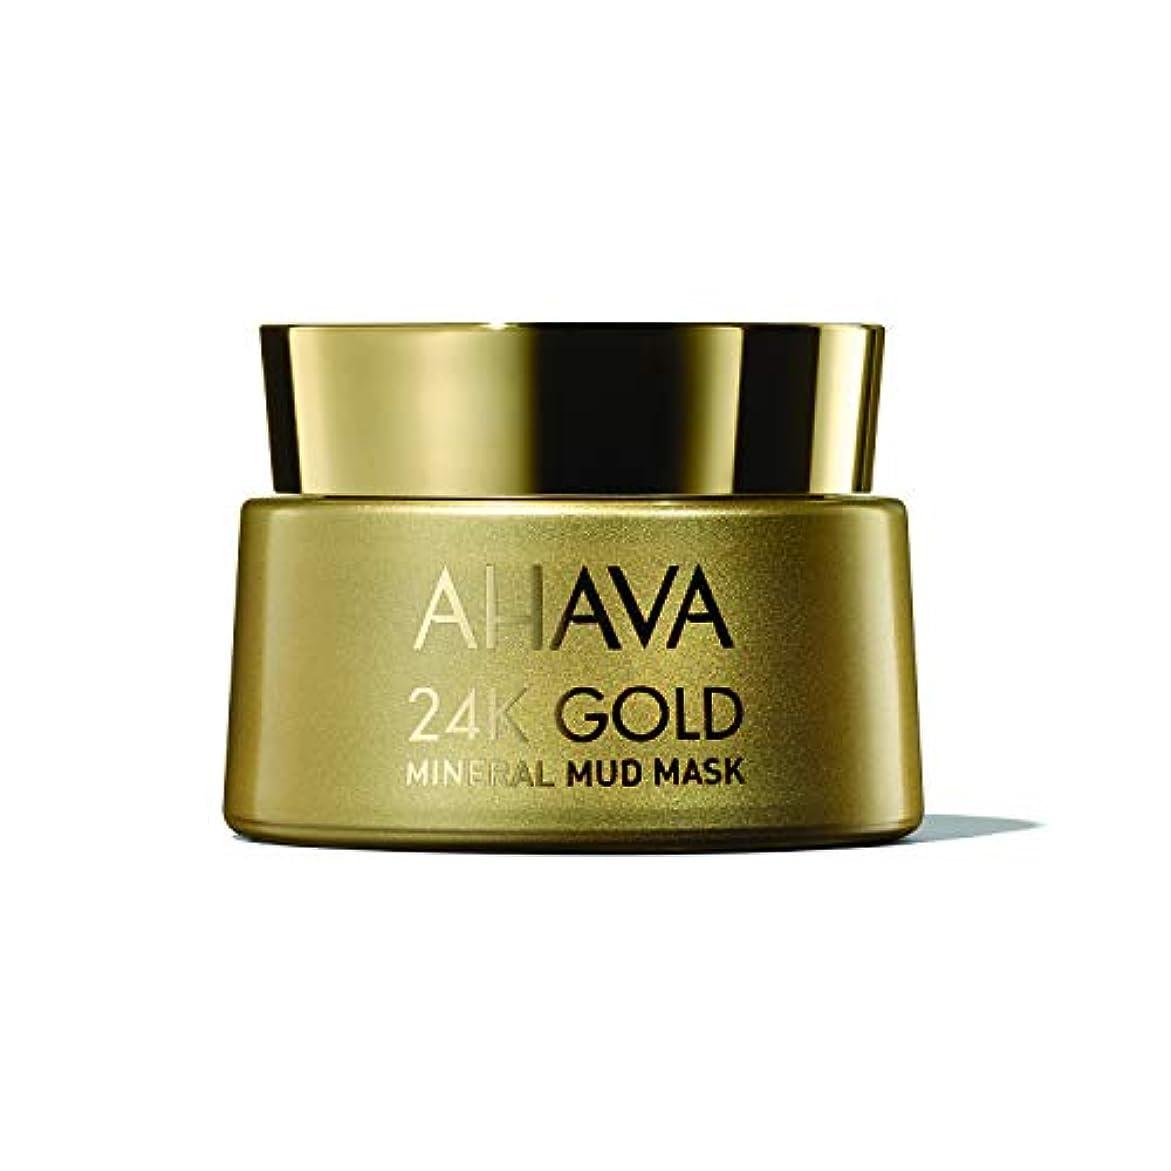 造船妖精海洋アハバ 24K Gold Mineral Mud Mask 50ml/1.7oz並行輸入品